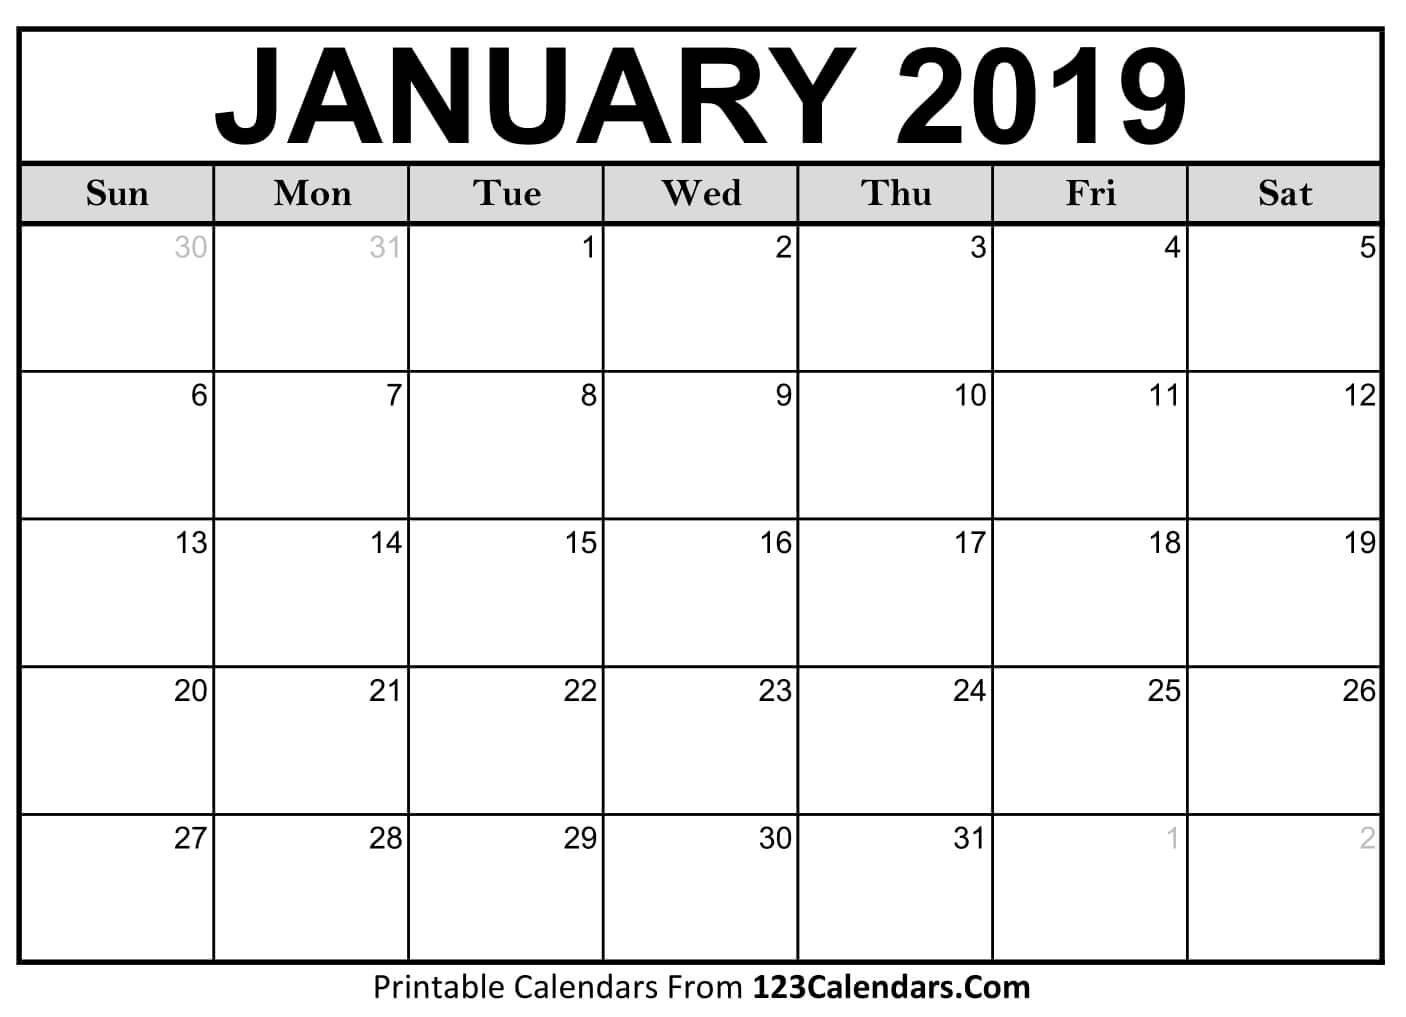 2019 Printable Calendar – 123Calendars Calendar 2019 Enero